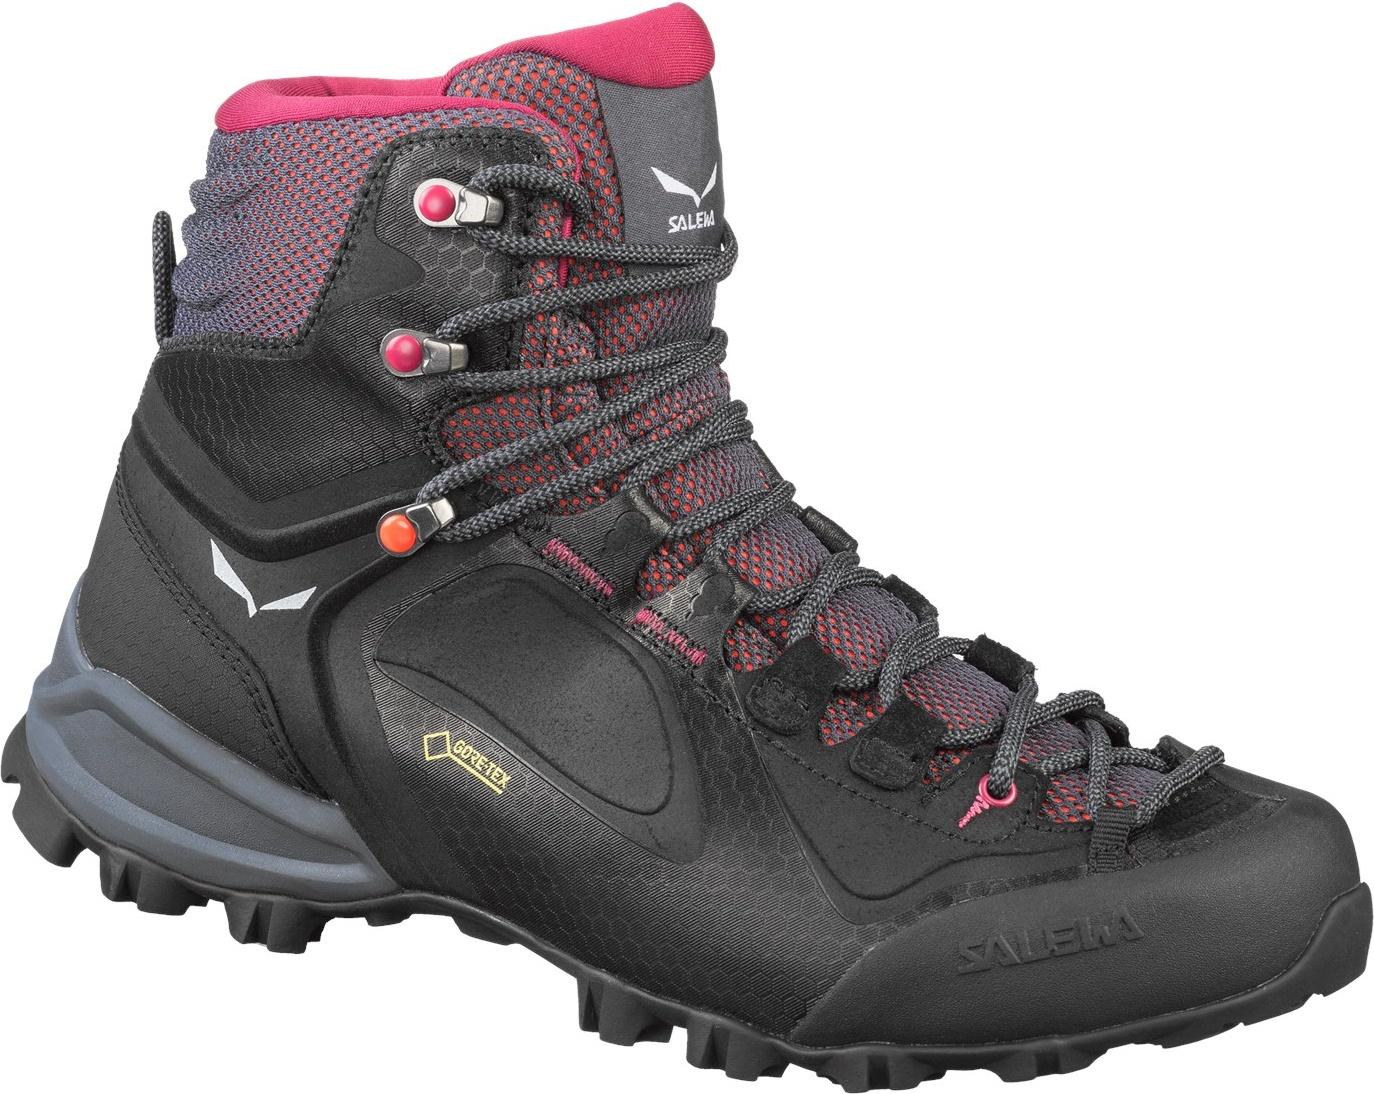 Ботинки Salewa Alpenviolet Mid Gore-Tex Woman's, розовые/черные, 7.5 UK